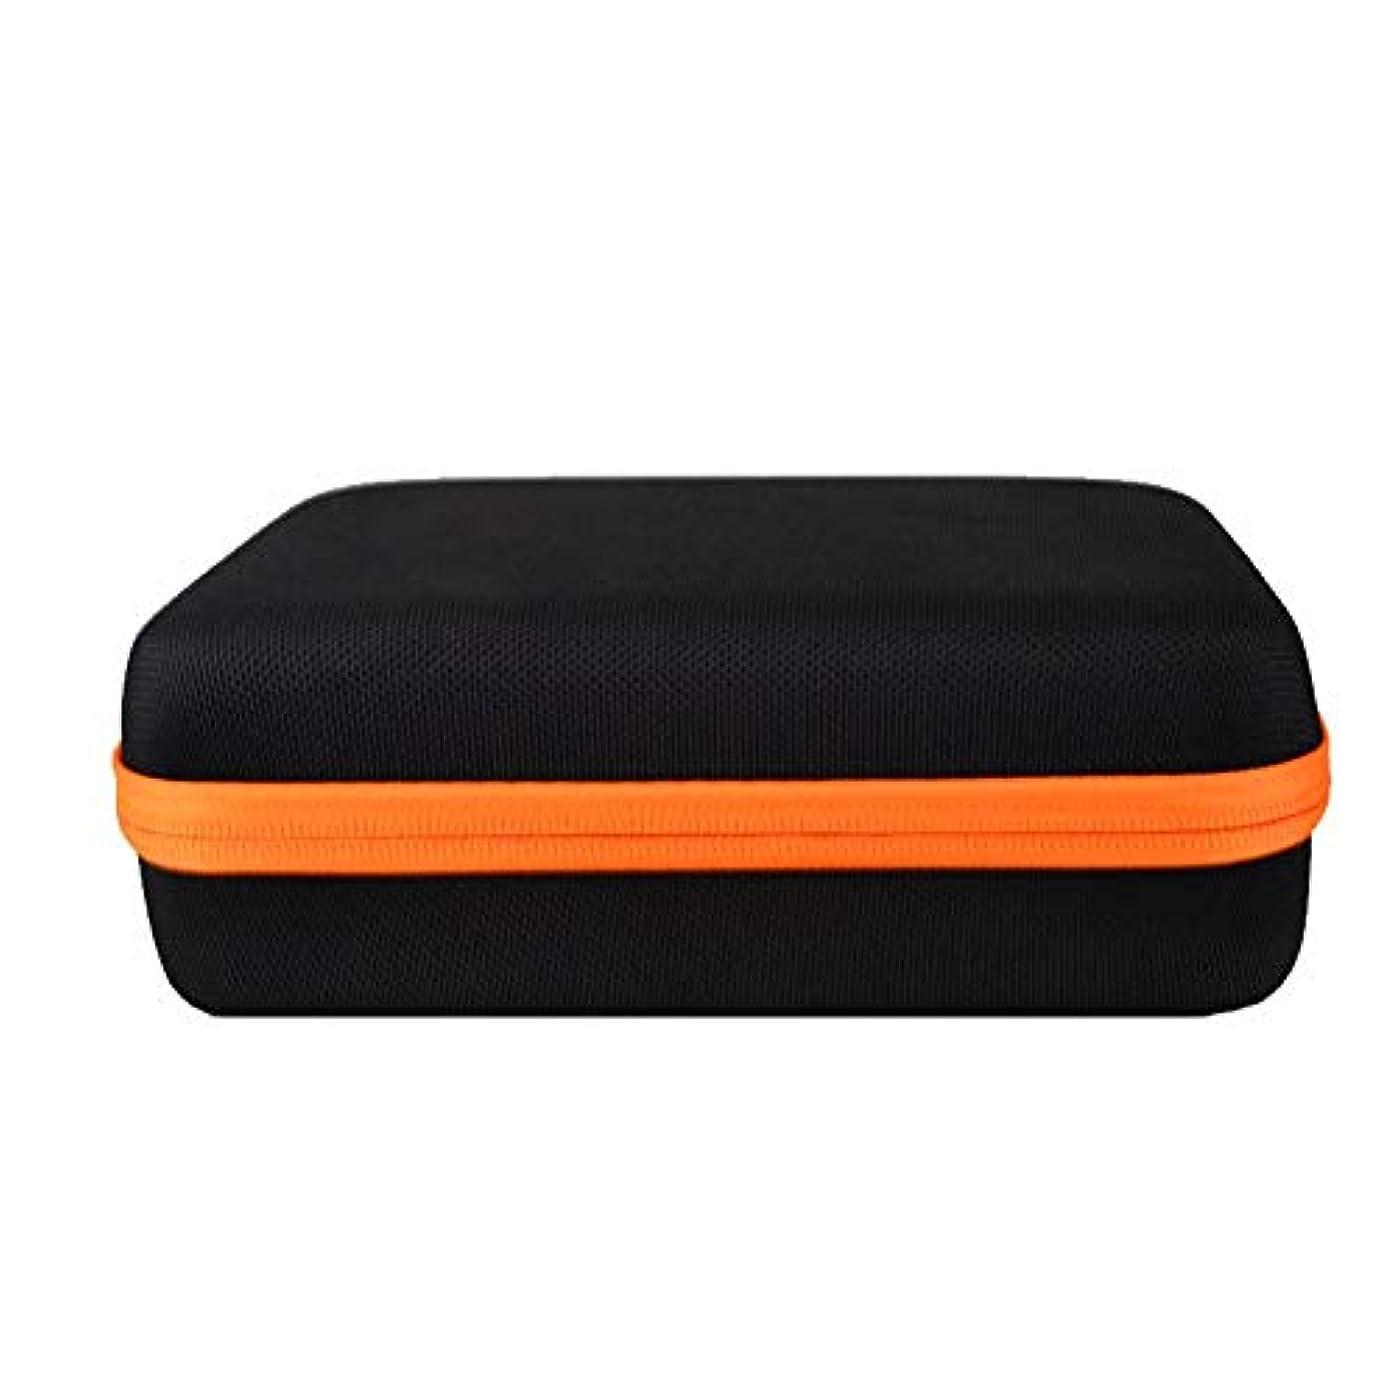 なめる僕のペンアロマセラピー収納ボックス 保護テイク5ミリリットル、10mLのとオイルの15ミリリットル瓶不可欠旅行のポータブル石油貯蔵ボックスフレームのための高油のホルスター エッセンシャルオイル収納ボックス (色 : オレンジ,...